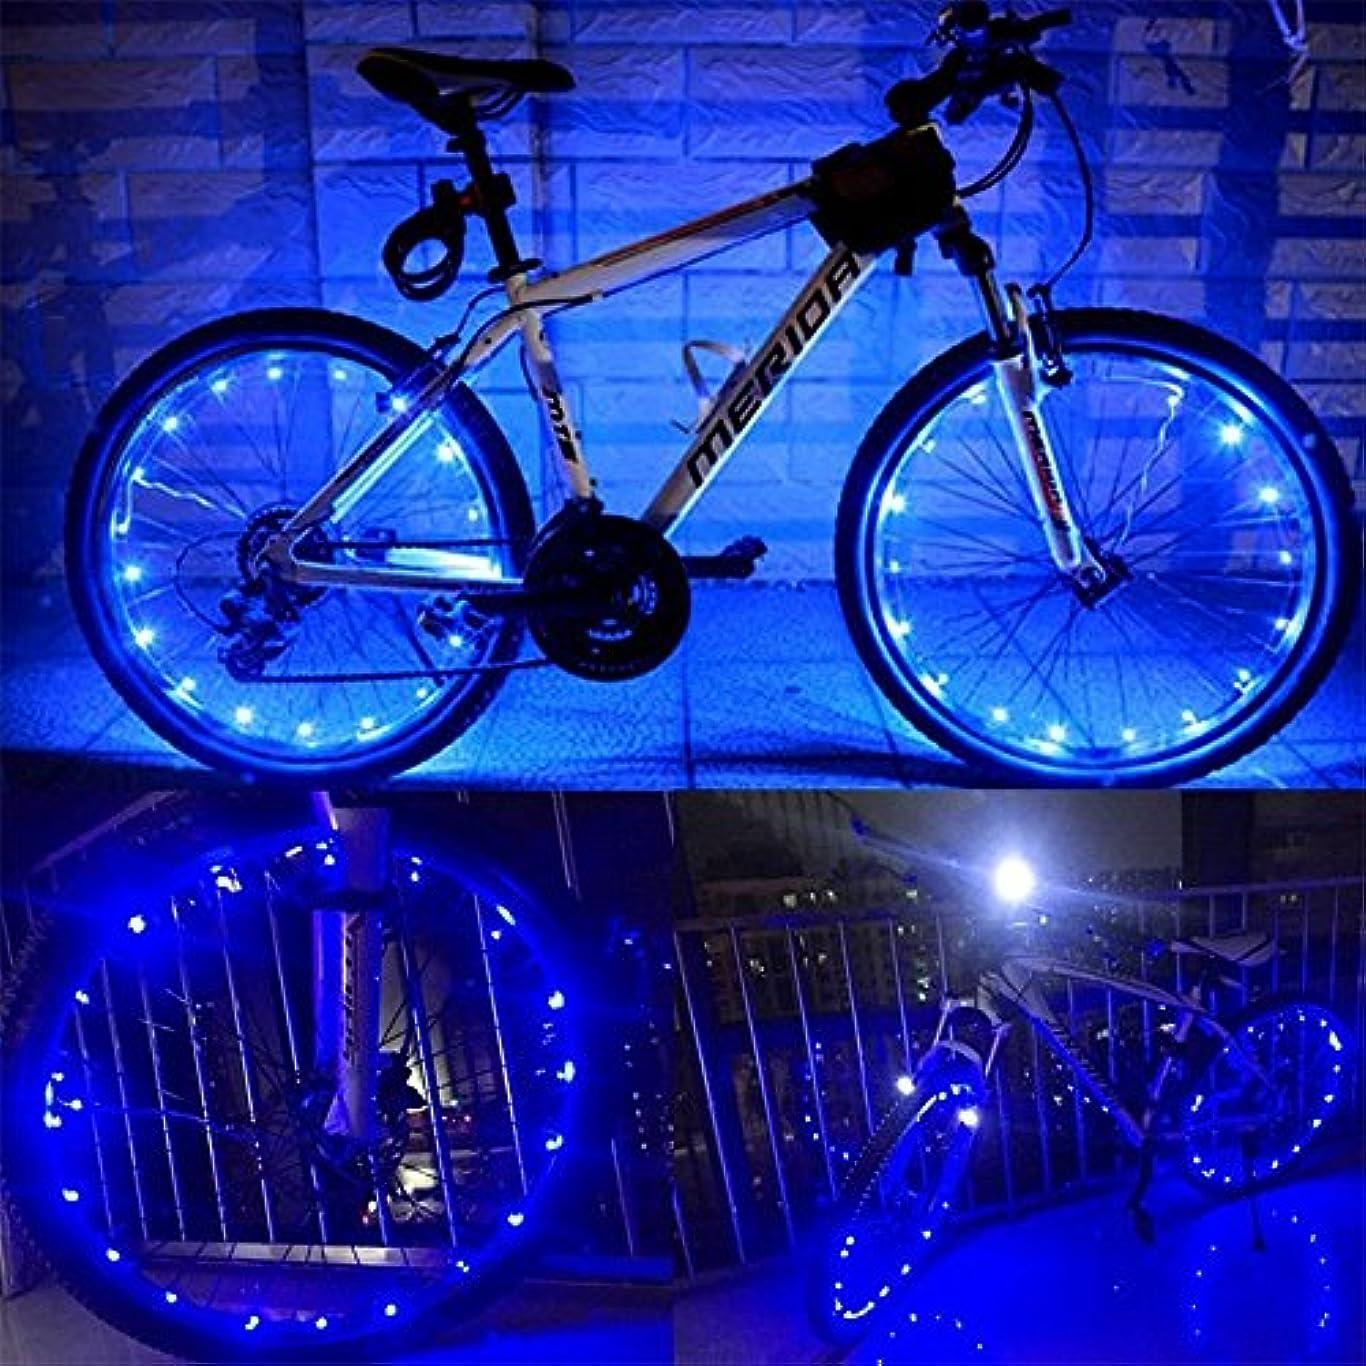 佐賀童謡兄WELSUN 青い自転車ホイールライト防水バイクライトの長さ2m 20夜間サイクリングスポークアクセサリーのための安全なランプを導いた